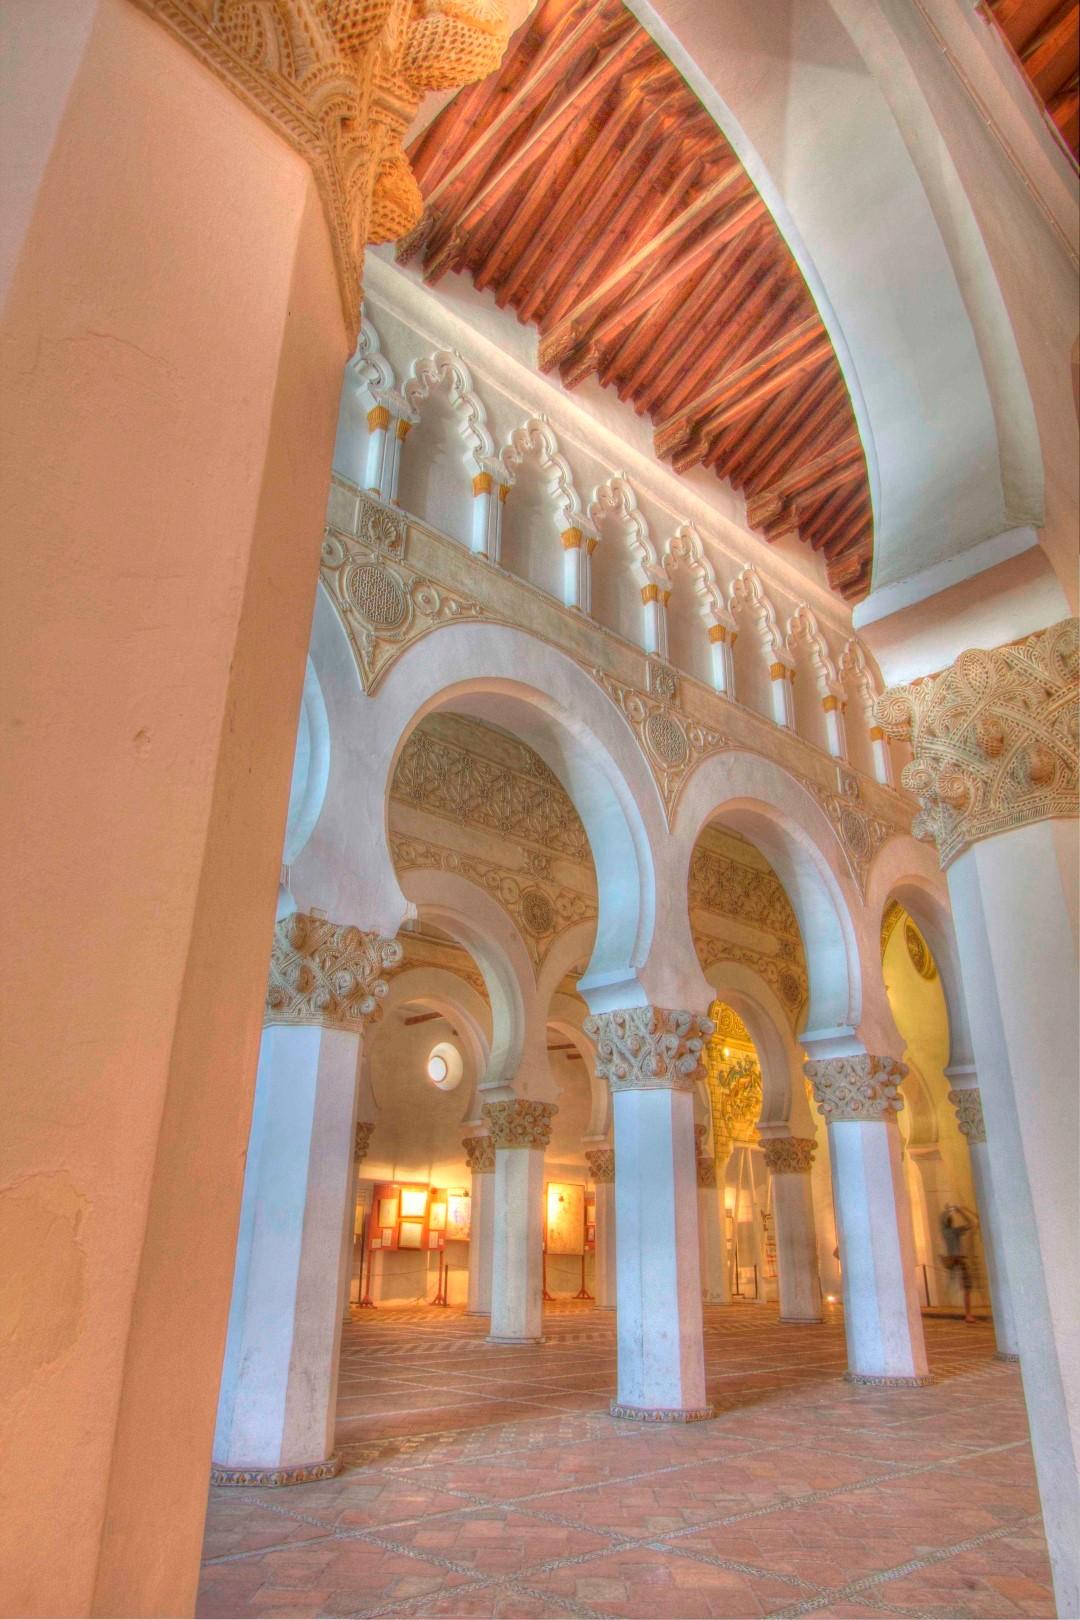 Santa María la Blanca, Jewish, synagogue, Toledo, Spain, Travelers Roundtable, Robert Bundy